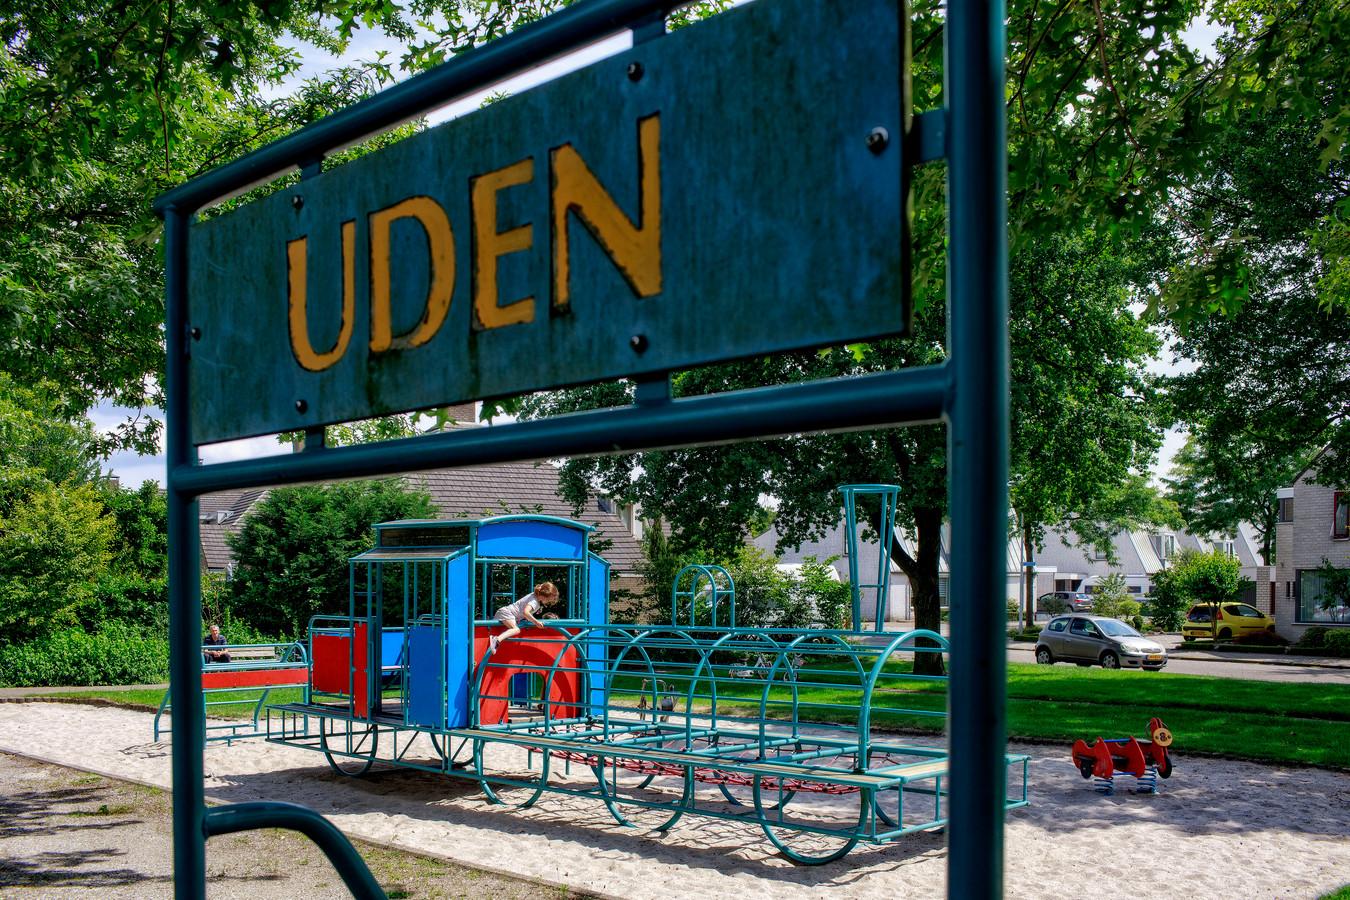 Ter herinnering is in een woonwijk een speeltuin aangelegd met 'halte Uden'. Er staat een ijzeren klimrek in de vorm van een locomotief.